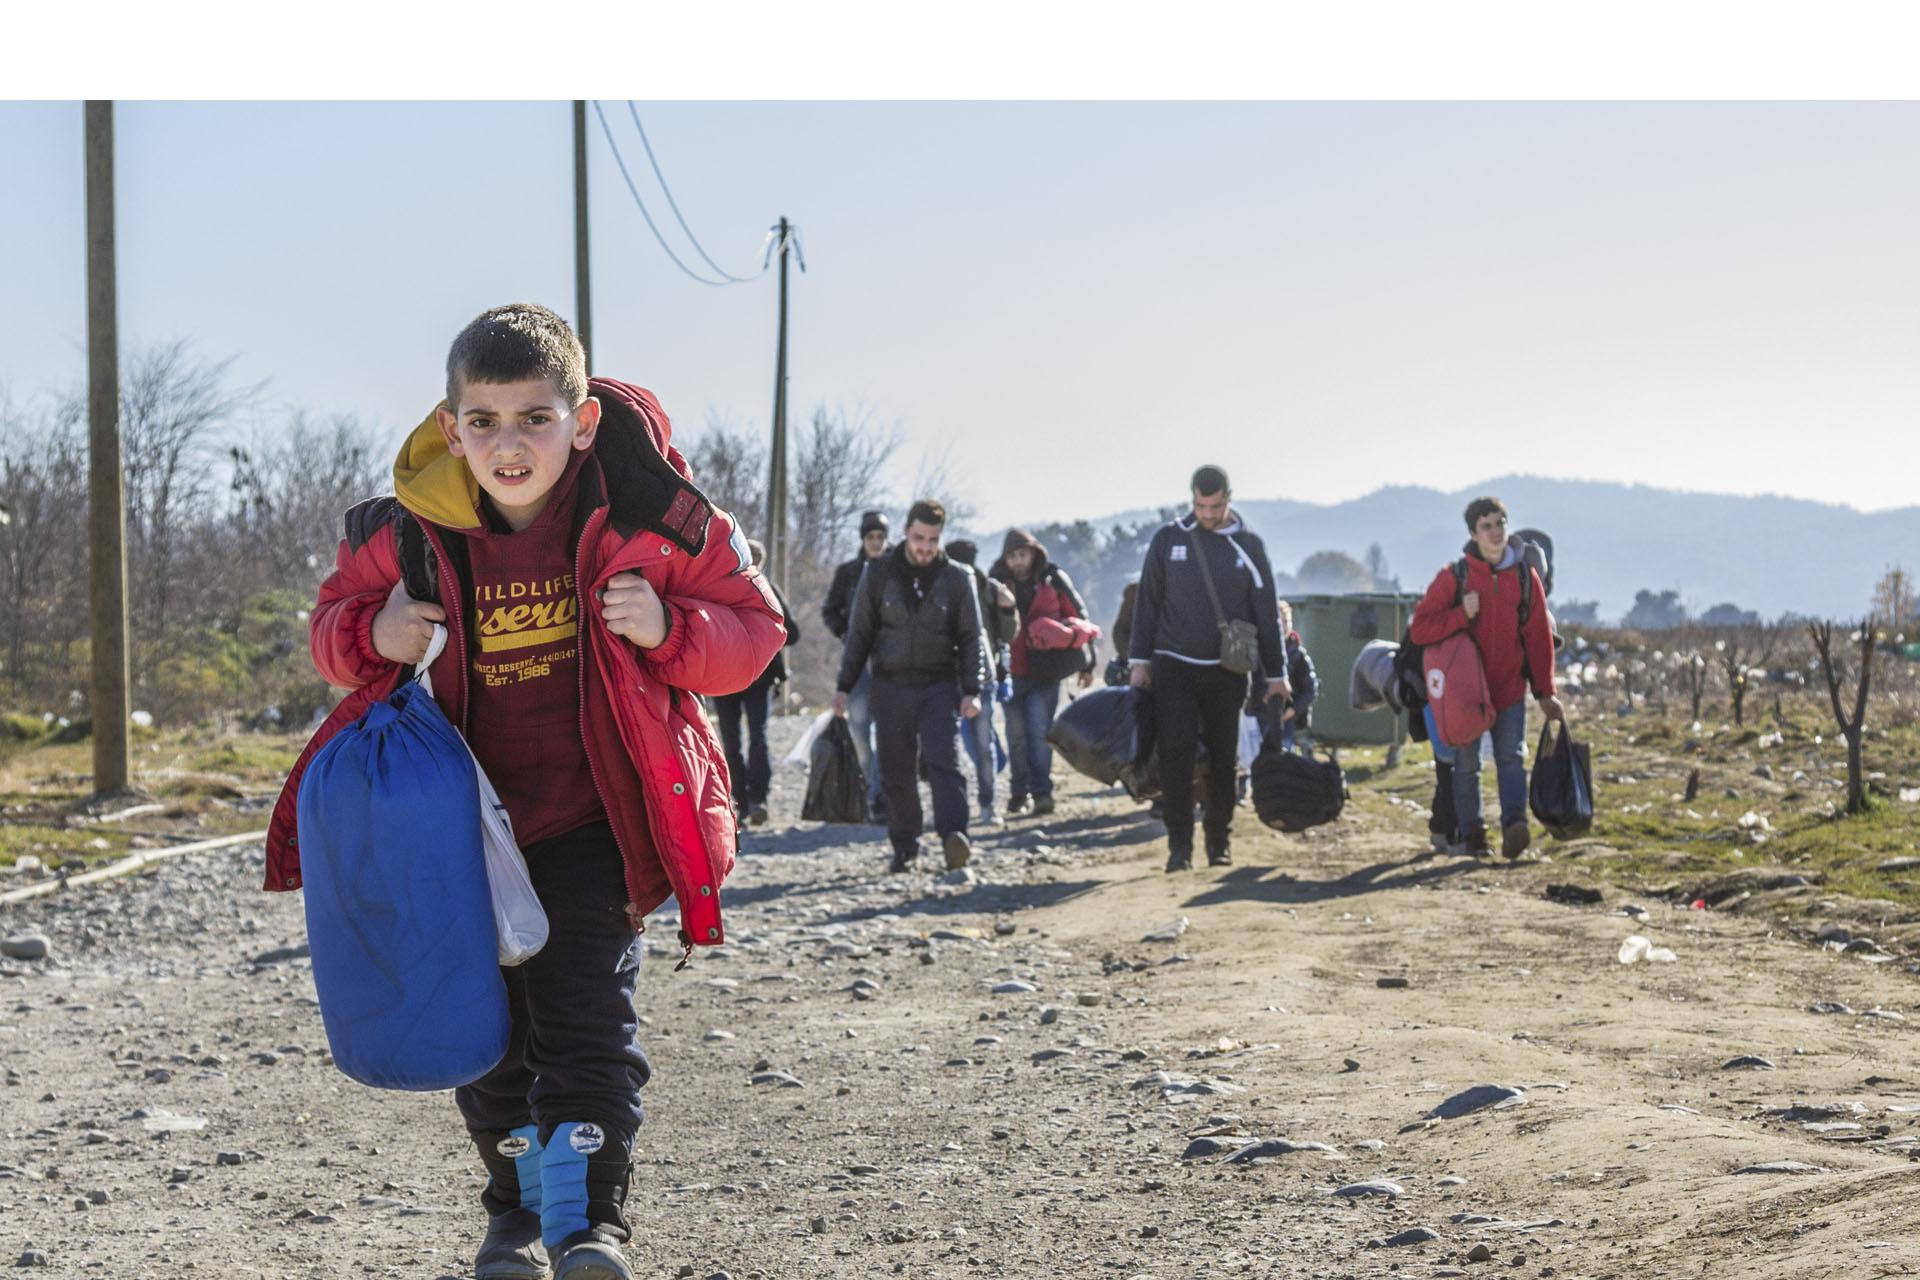 Cada día son más los niños y adolescentes que llegan solos a la UE